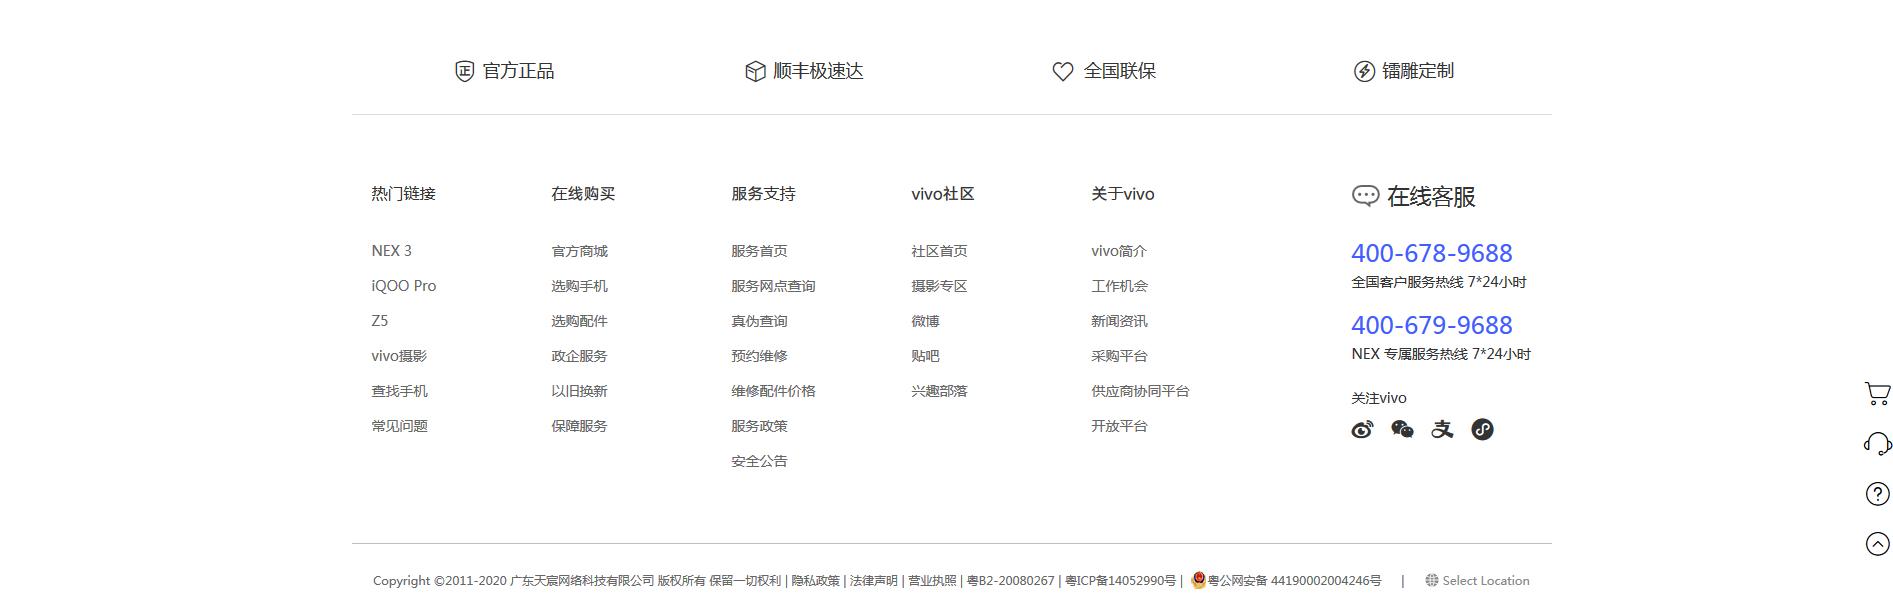 页脚网页设计版式一